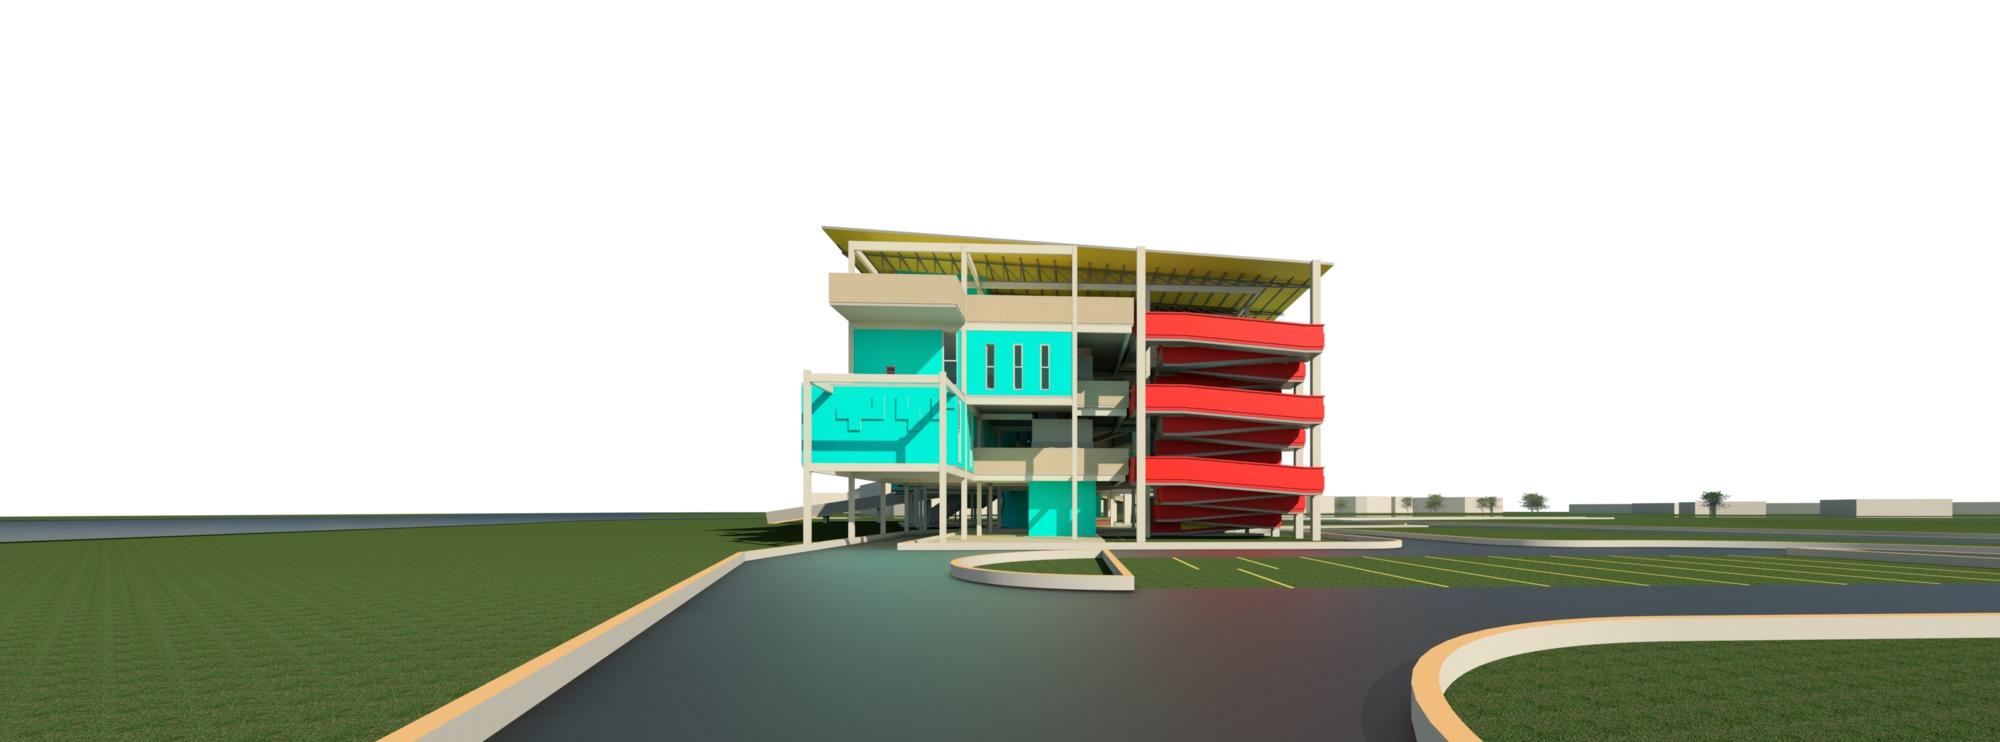 Raas-rendering20141231-21351-qj9r57